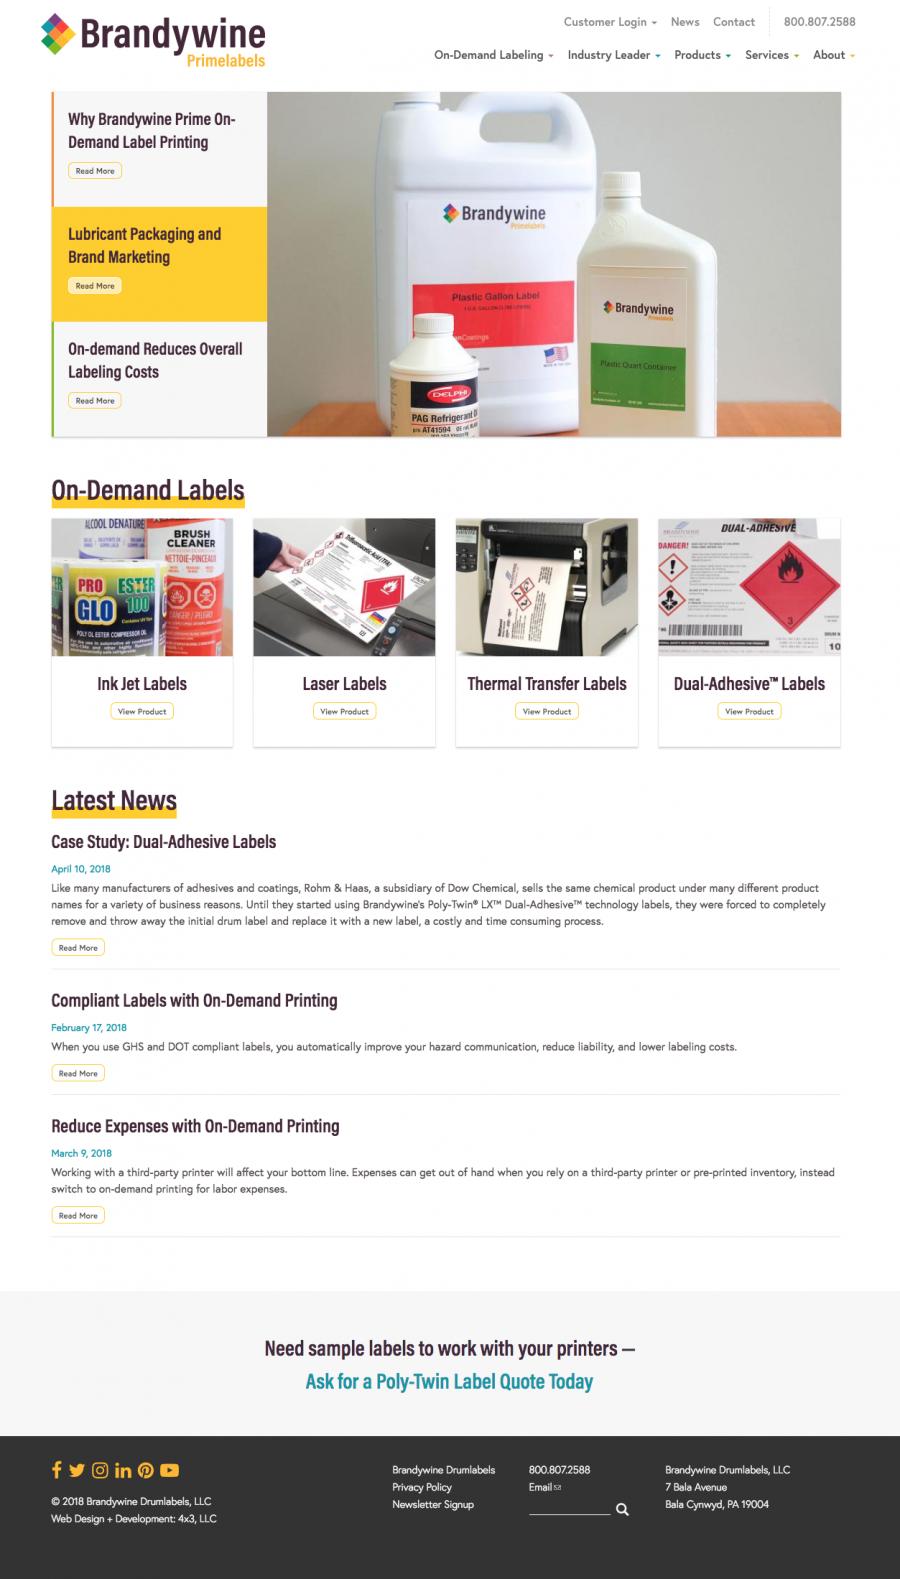 Brandywine Primelabels Homepage Design